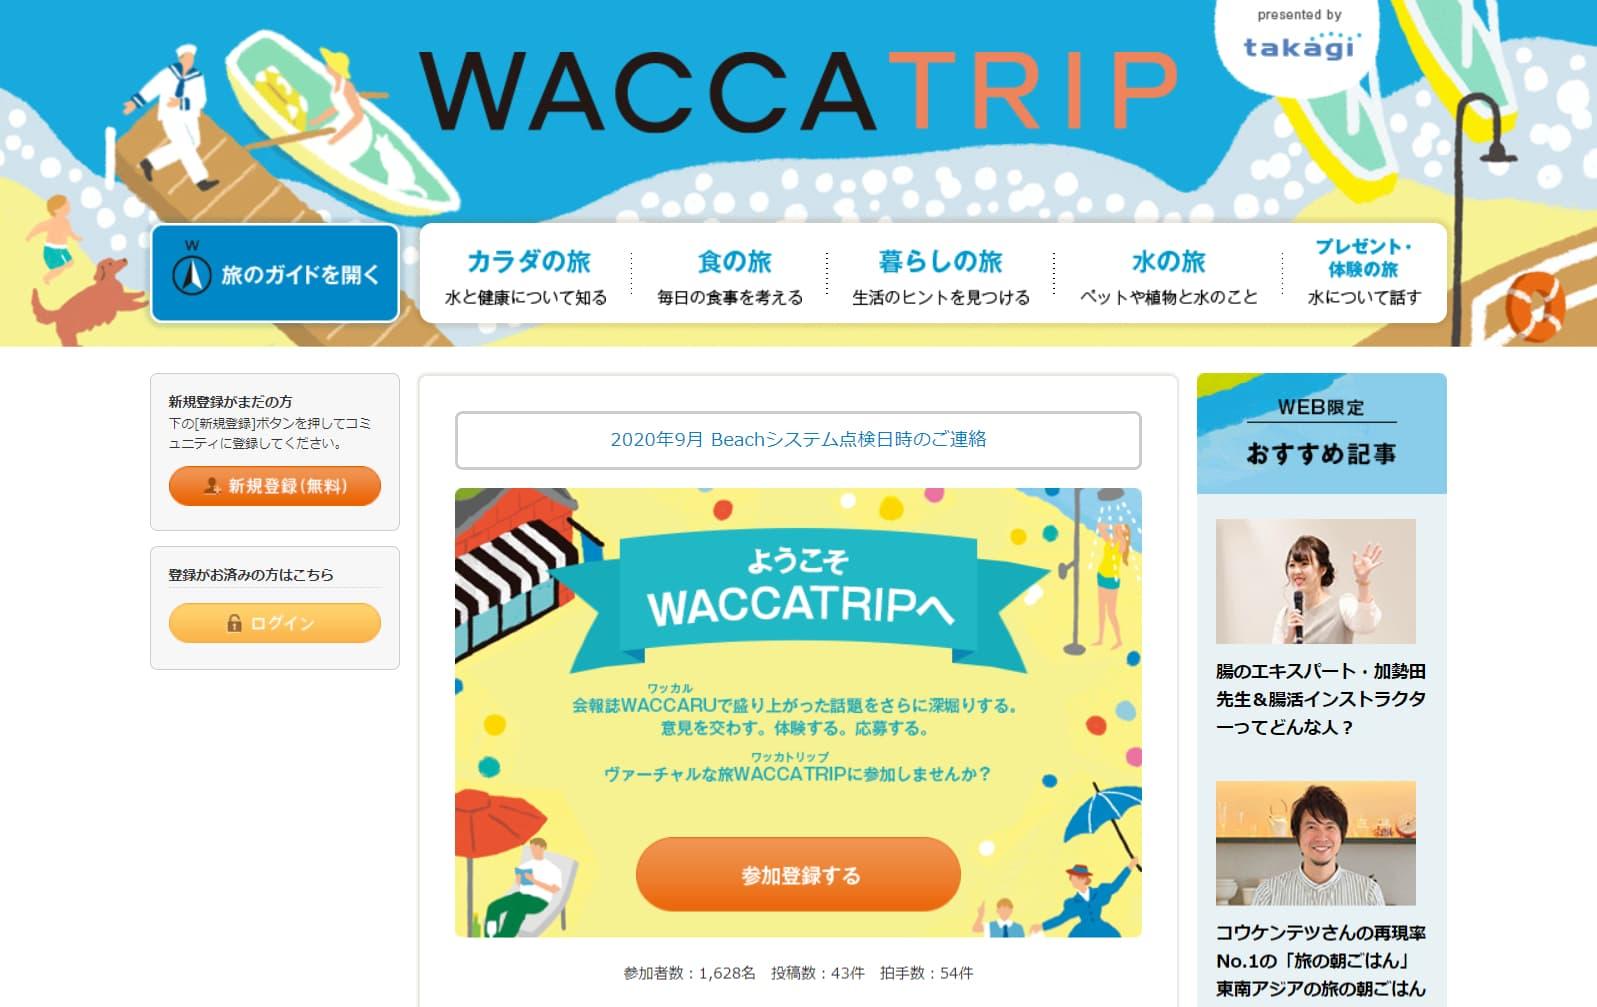 浄水器メーカー 株式会社タカギ様のWebコミュニティ「WACCCATRIP」の制作を支援